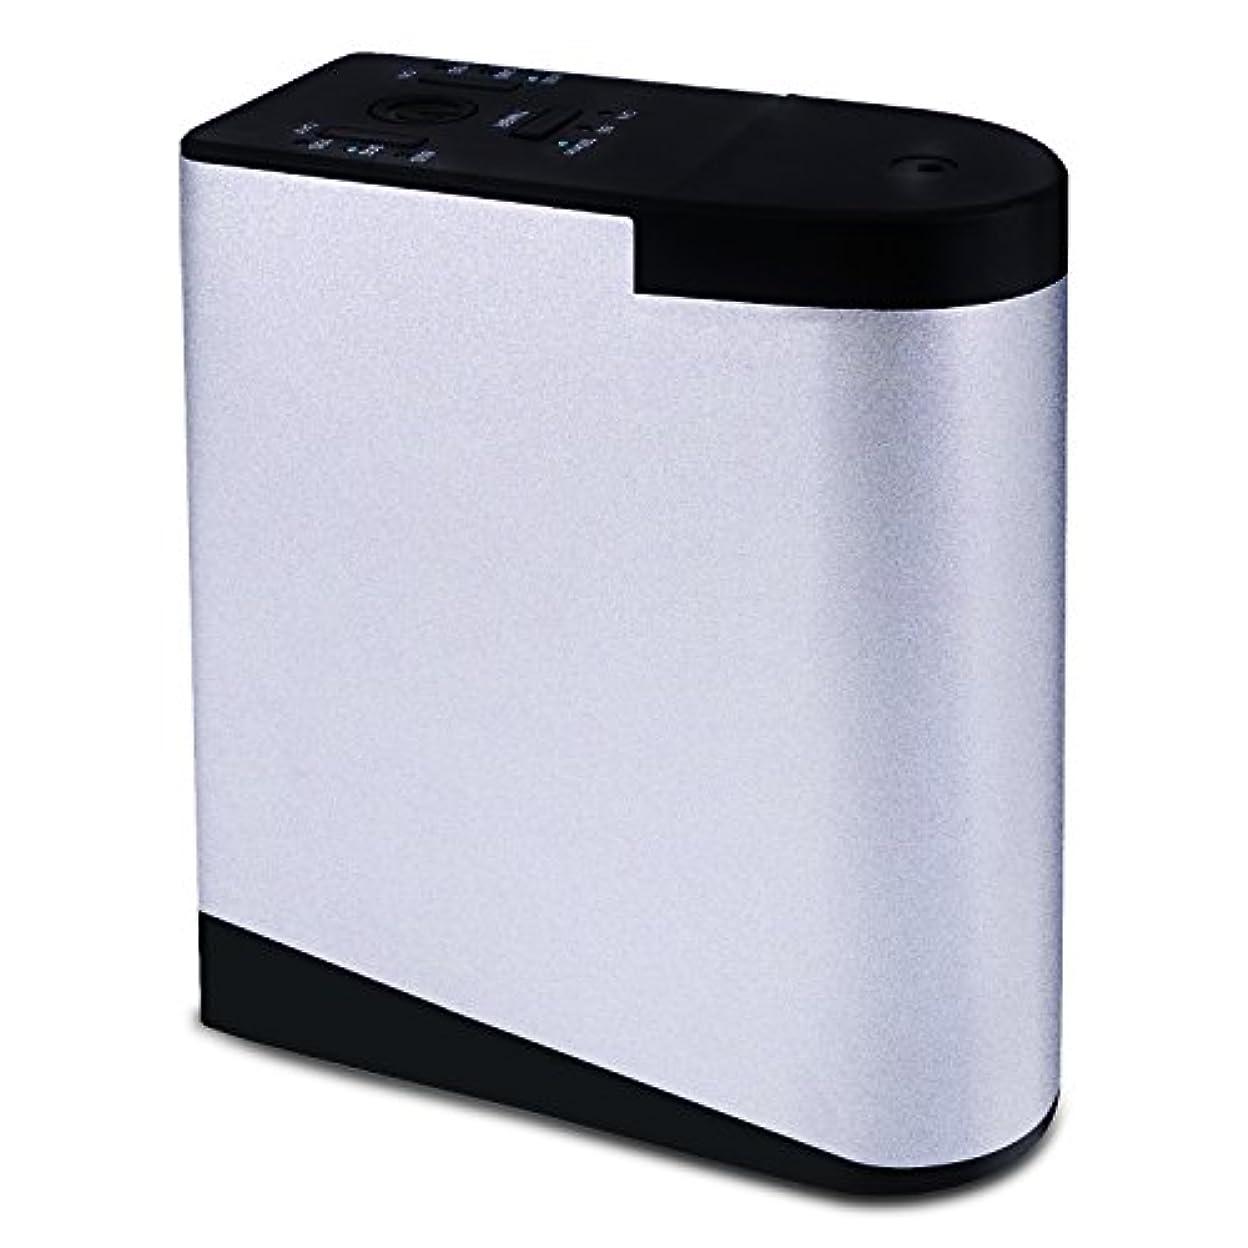 適応的証書刻むENERG e's Memory アロマディフューザー メモリー・タイマー機能 ネブライザー式 精油瓶2個スポイト付き T11-EN098